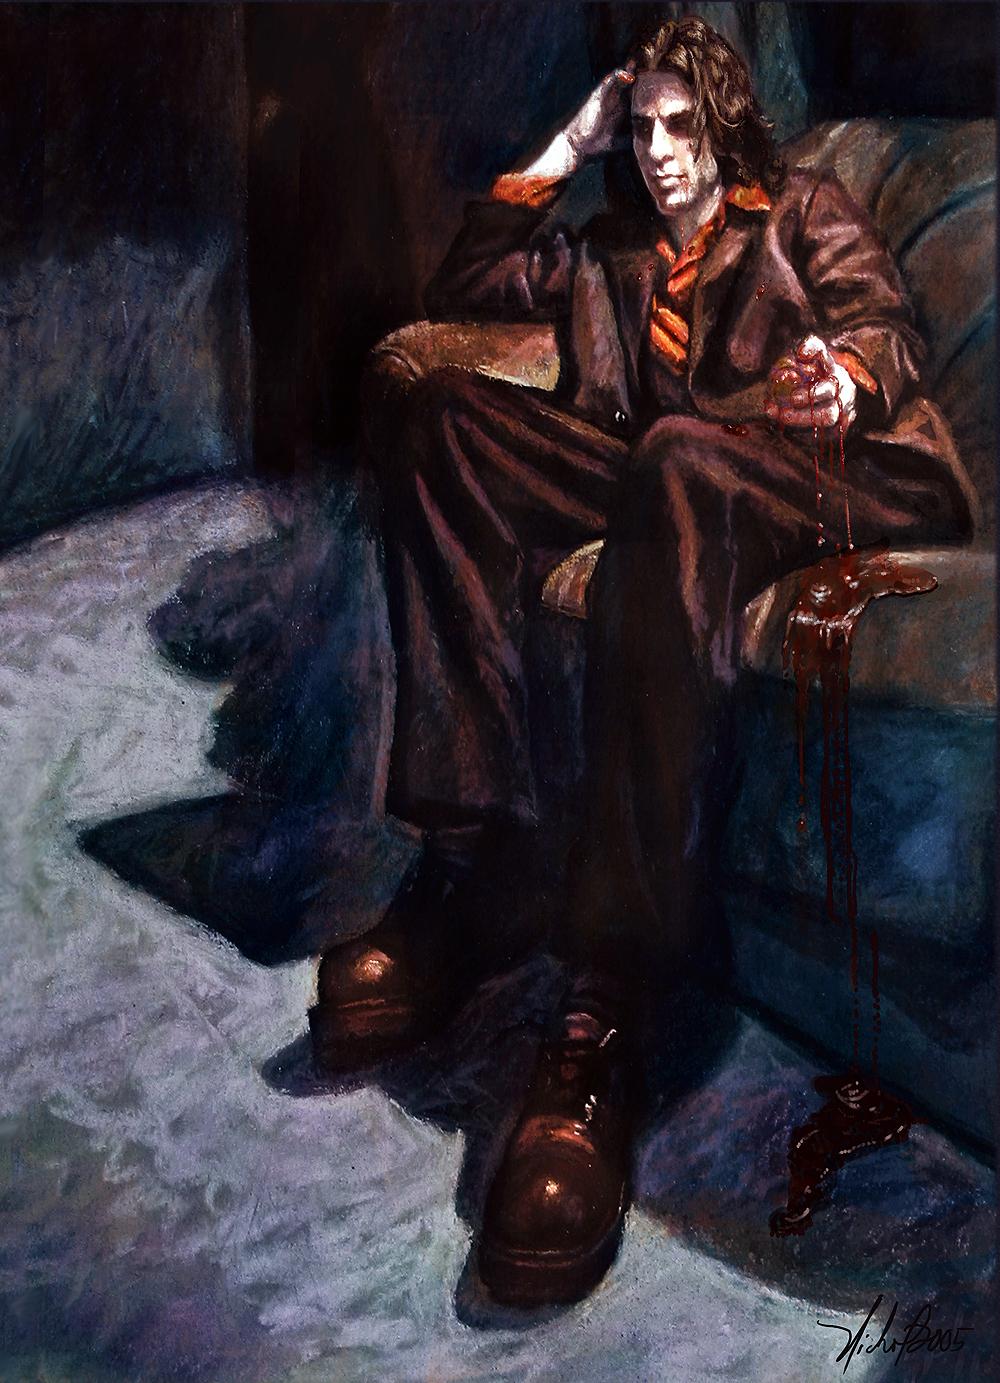 Dracula Art Dracula F/a Dracula Fan Art